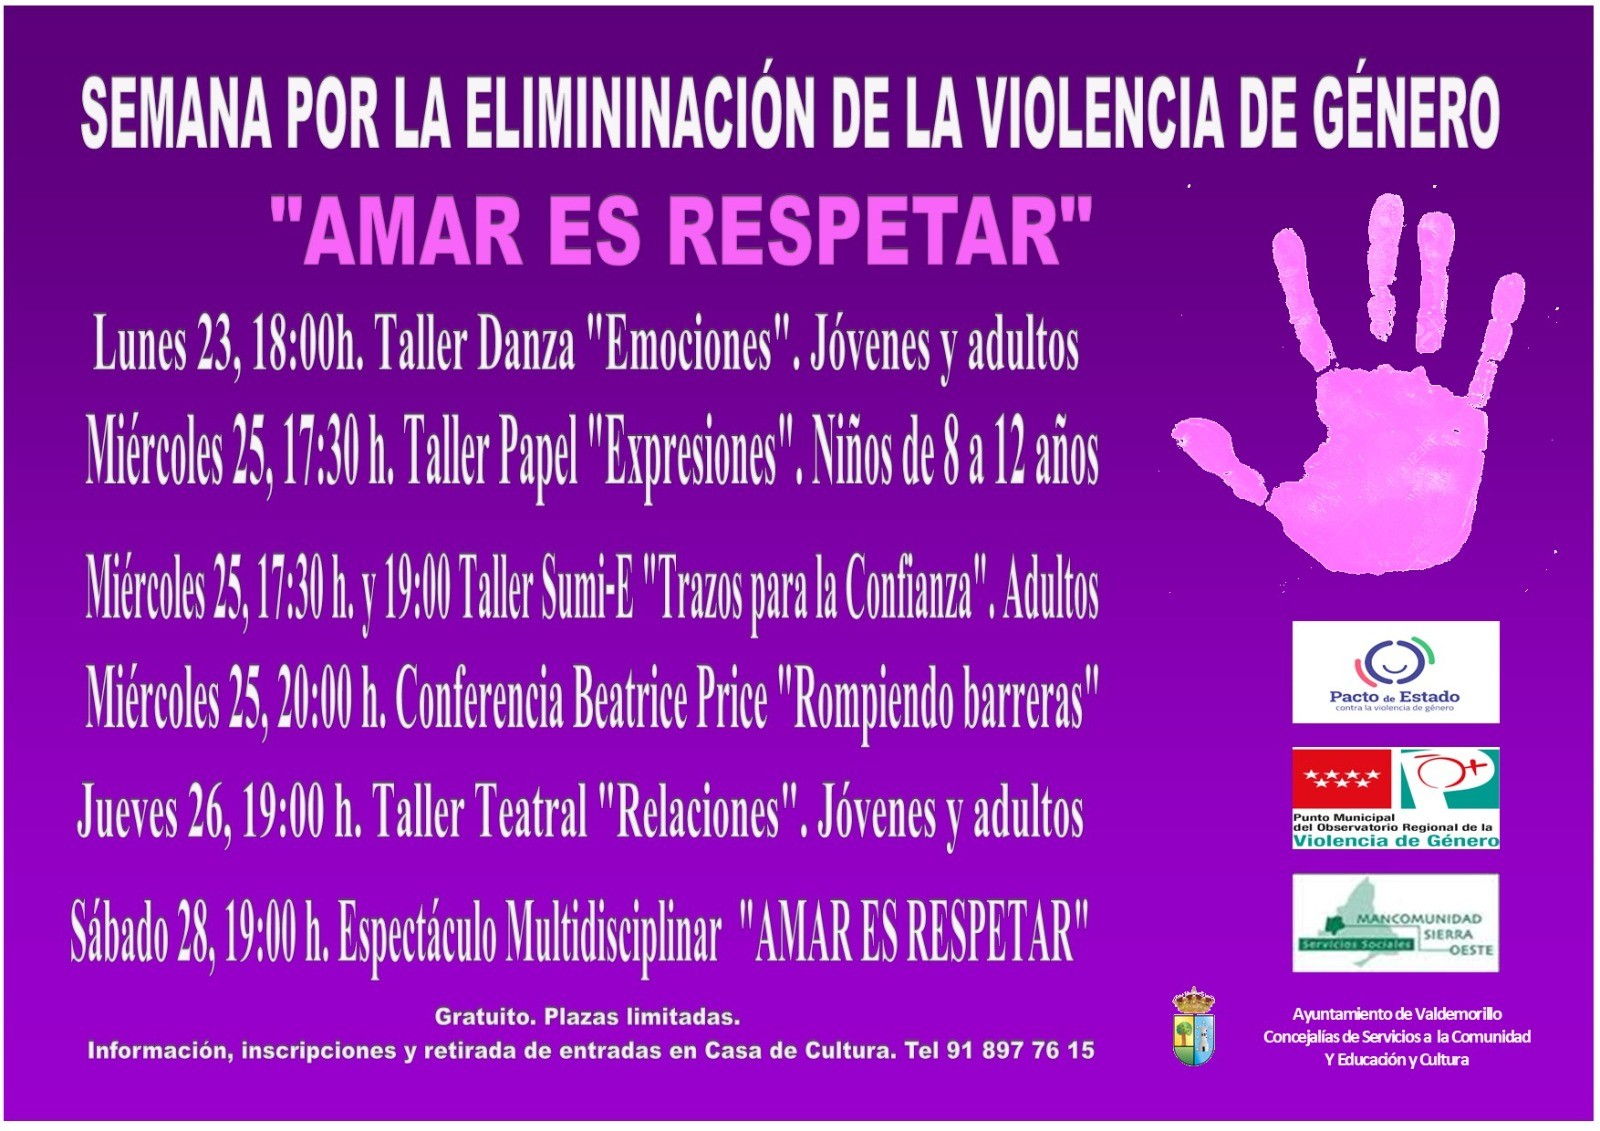 Valdemorillo presenta programación especial con  toda una semana de actividades y propuestas  para mostrar su apoyo a las víctimas y expresar su rotundo rechazo a la violencia de género